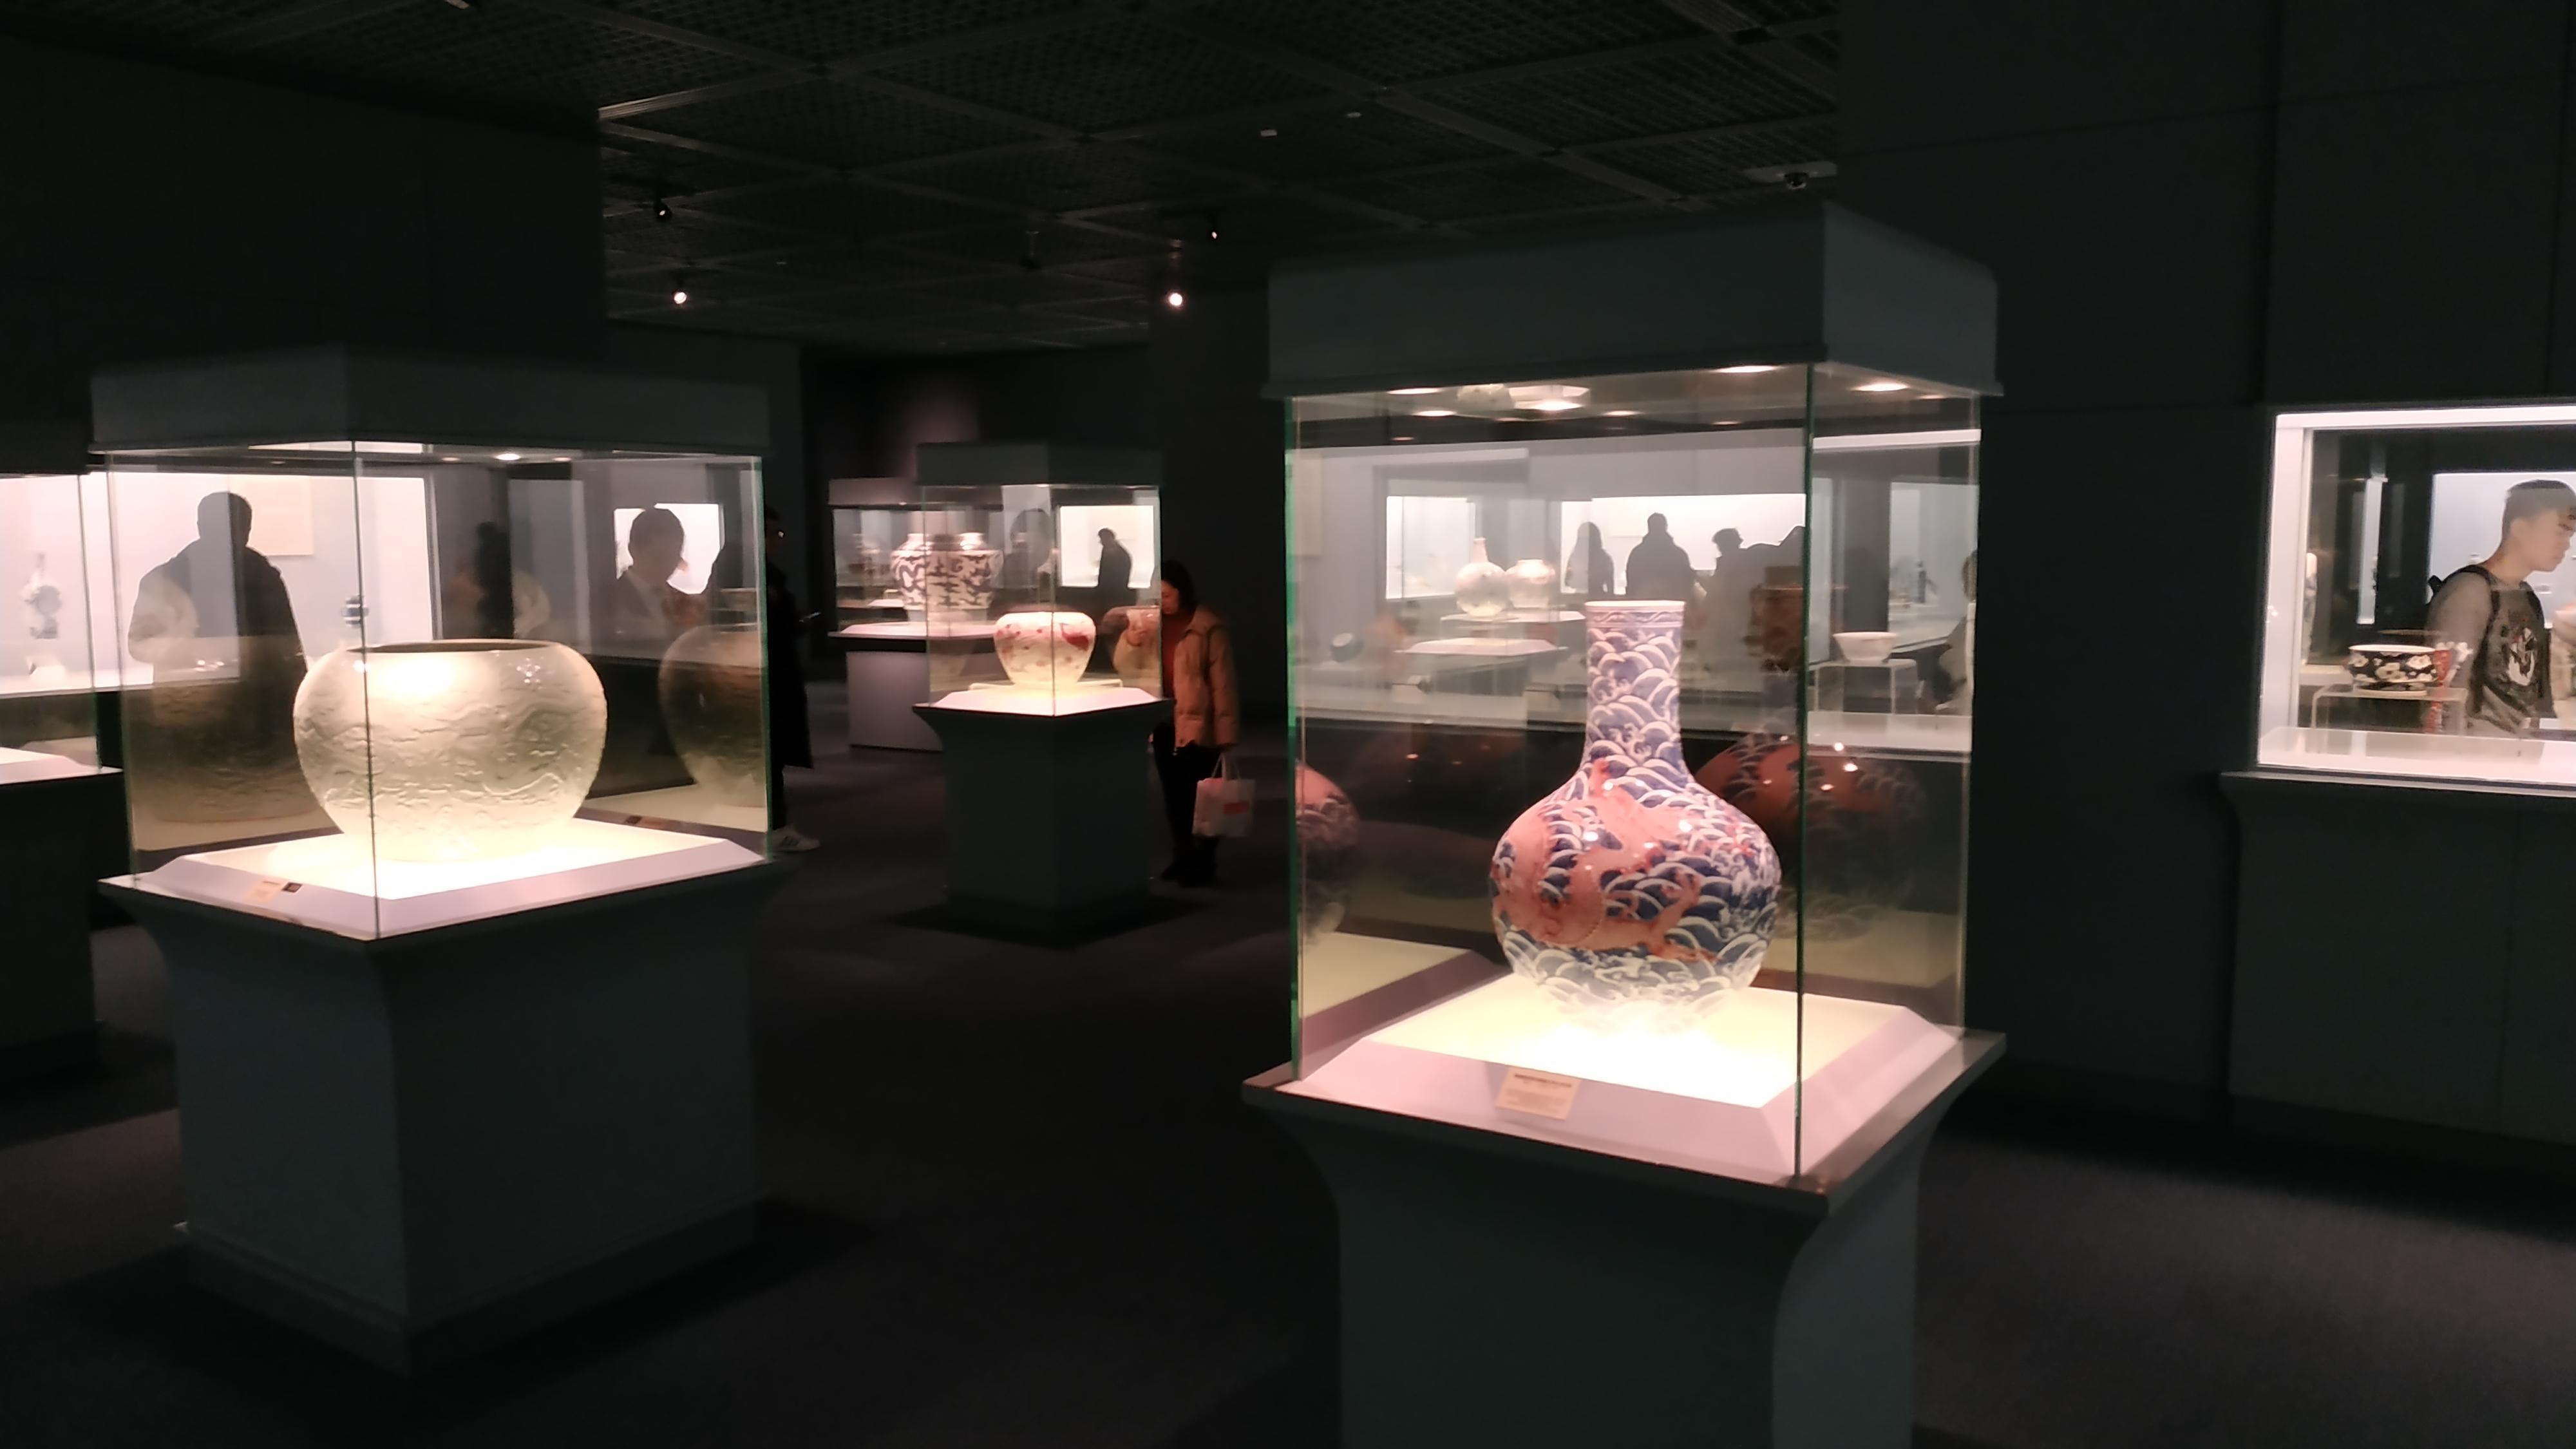 Шанхайский музей хранит предметы национального значения, в том числе один из трёх существующих образцов «прозрачных» бронзовых зеркал династии Хань.